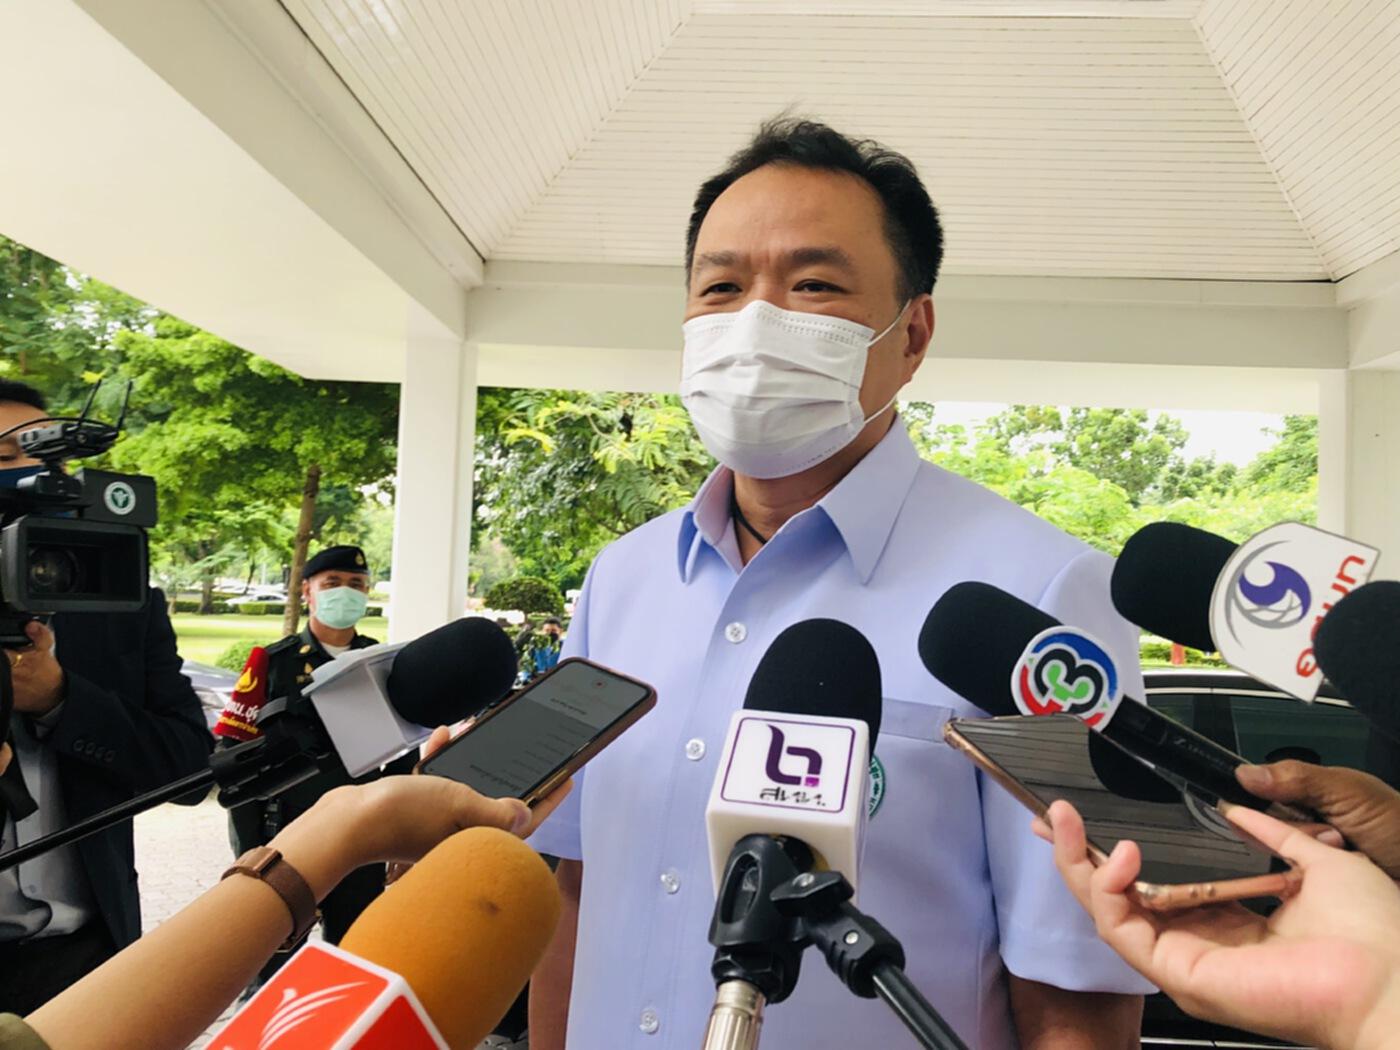 """สธ.ลั่น """"ไม่จริง"""" กรณีไทยไม่เซ็นรับวัคซีนไฟเซอร์ล็อต2สหรัฐบริจาค"""